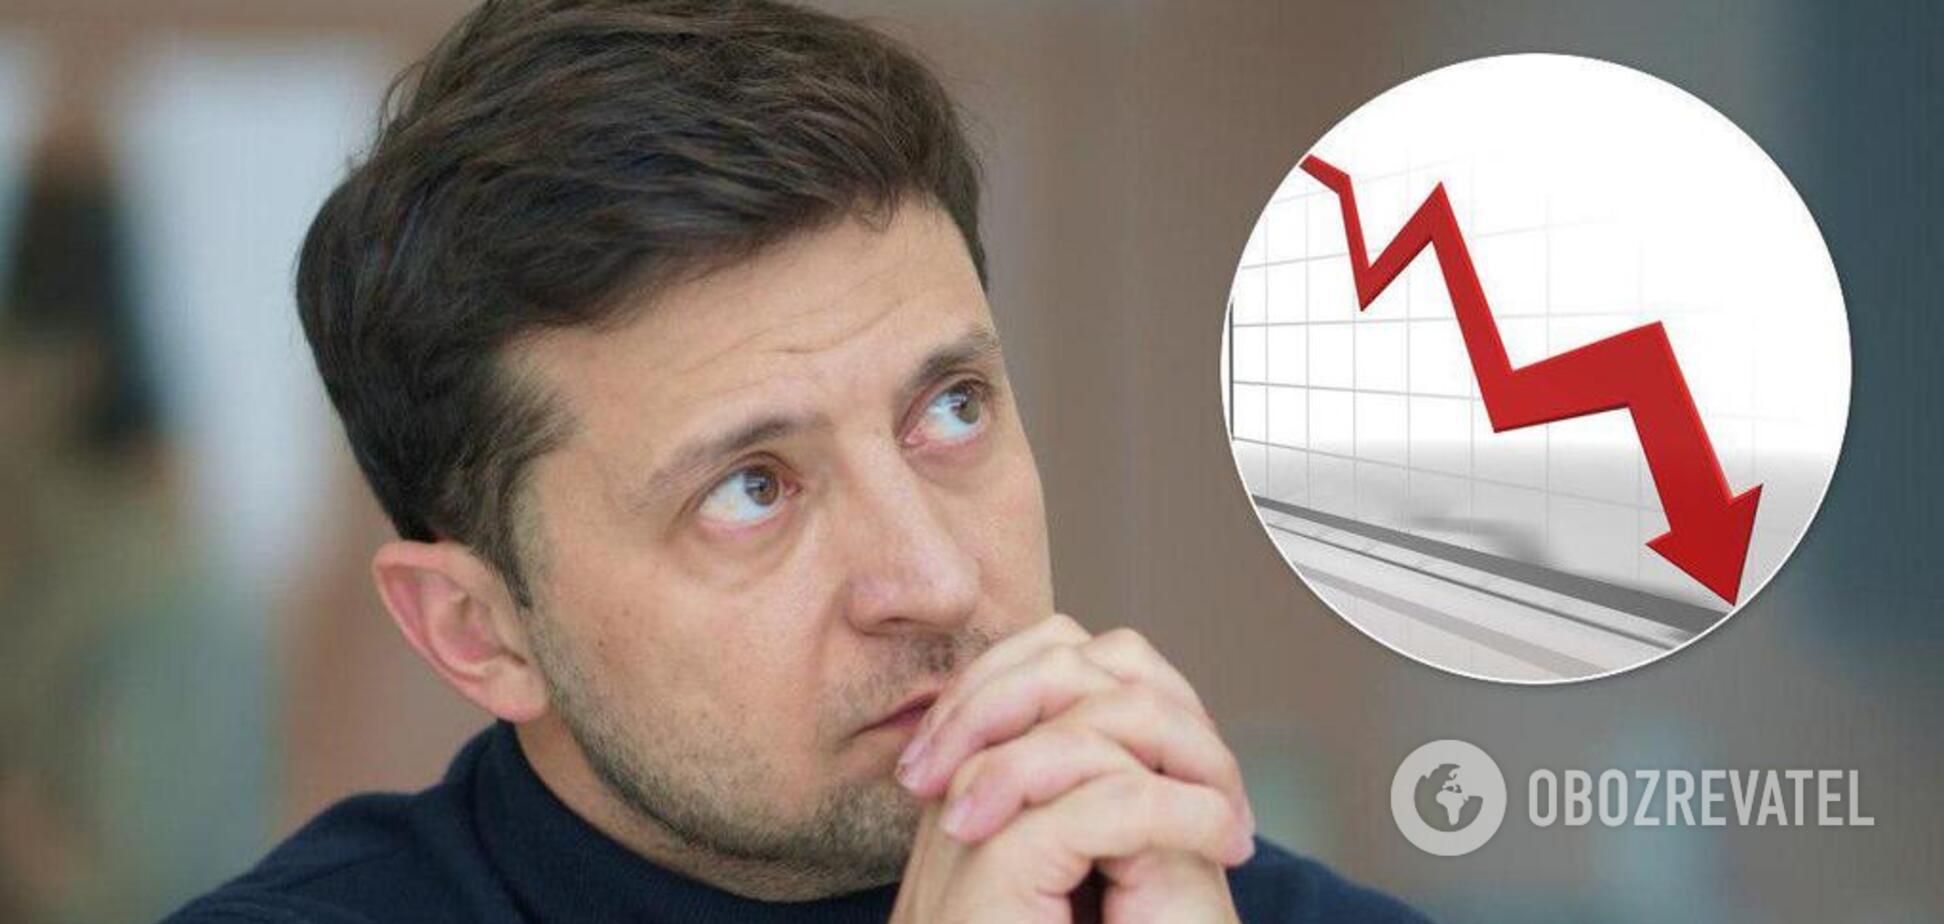 Минус 7%: почему украинцы перестают верить Зеленскому и что будет дальше